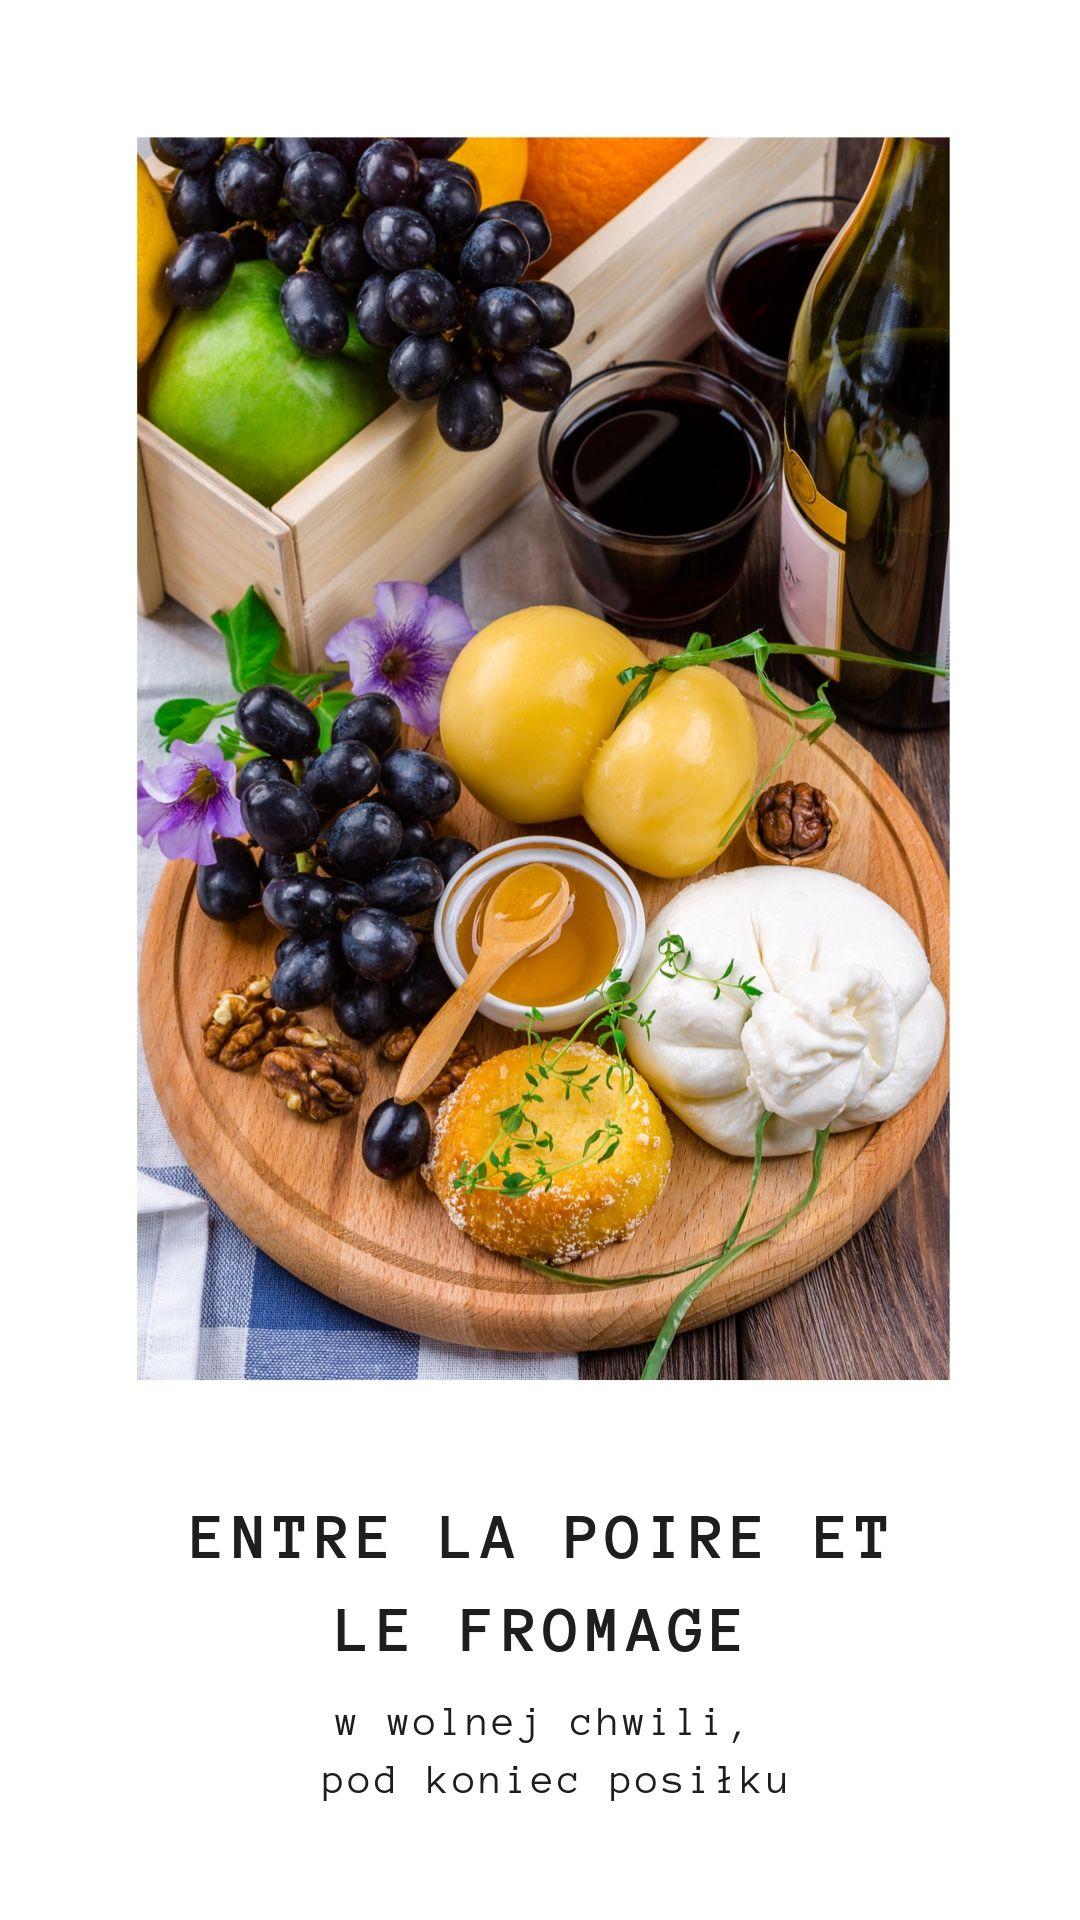 entre la poire et le fromage - czyli: między gruszką i serem, w wolnej chwili, pod koniec posiłku...